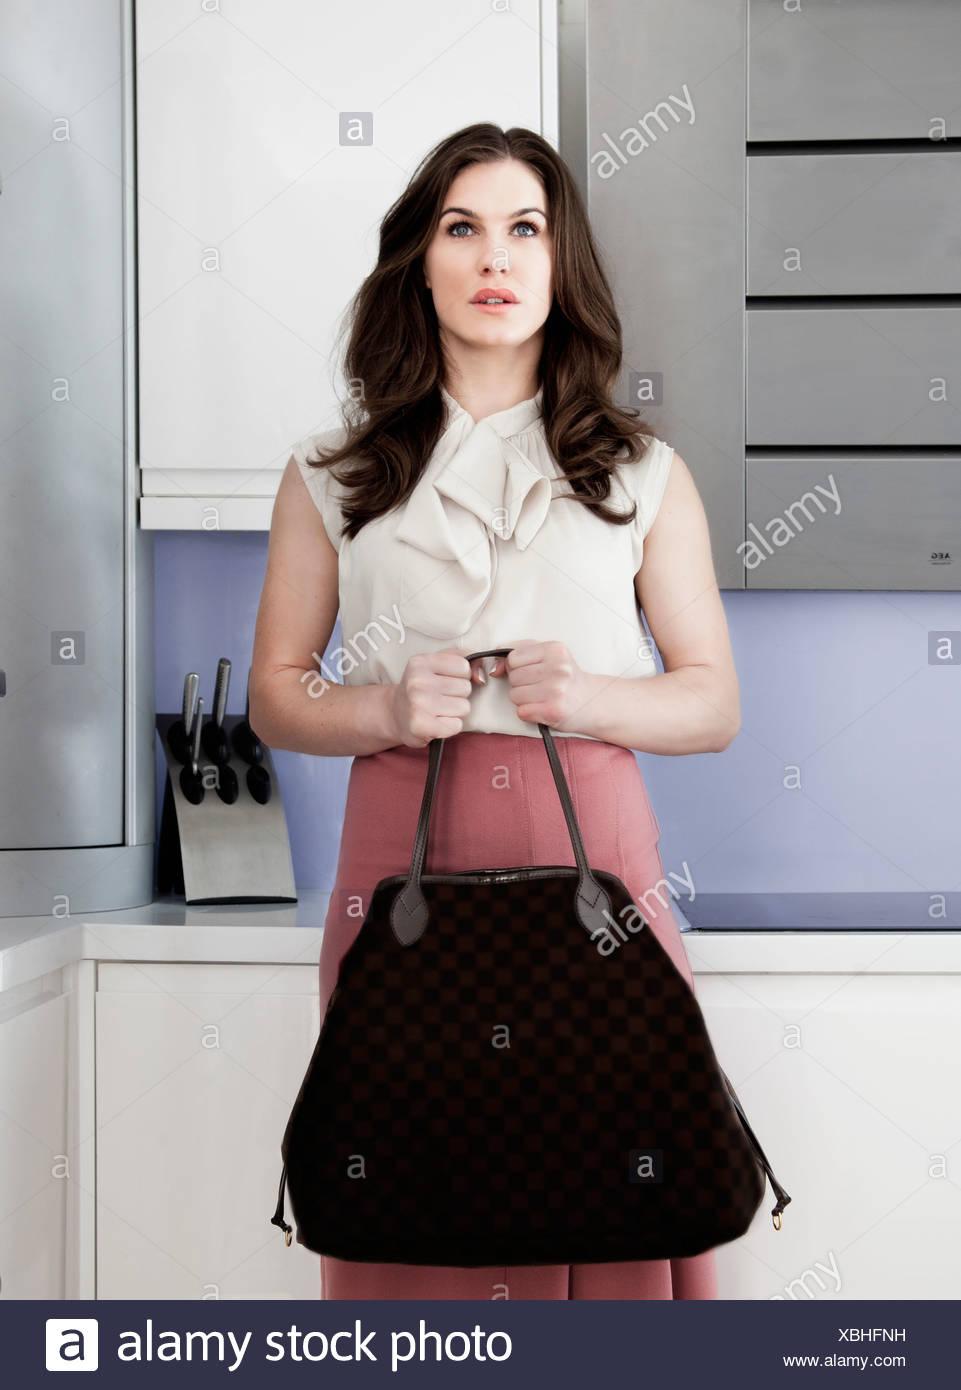 Porträt der jungen Frau mit Handtasche mit leeren Ausdruck Stockbild